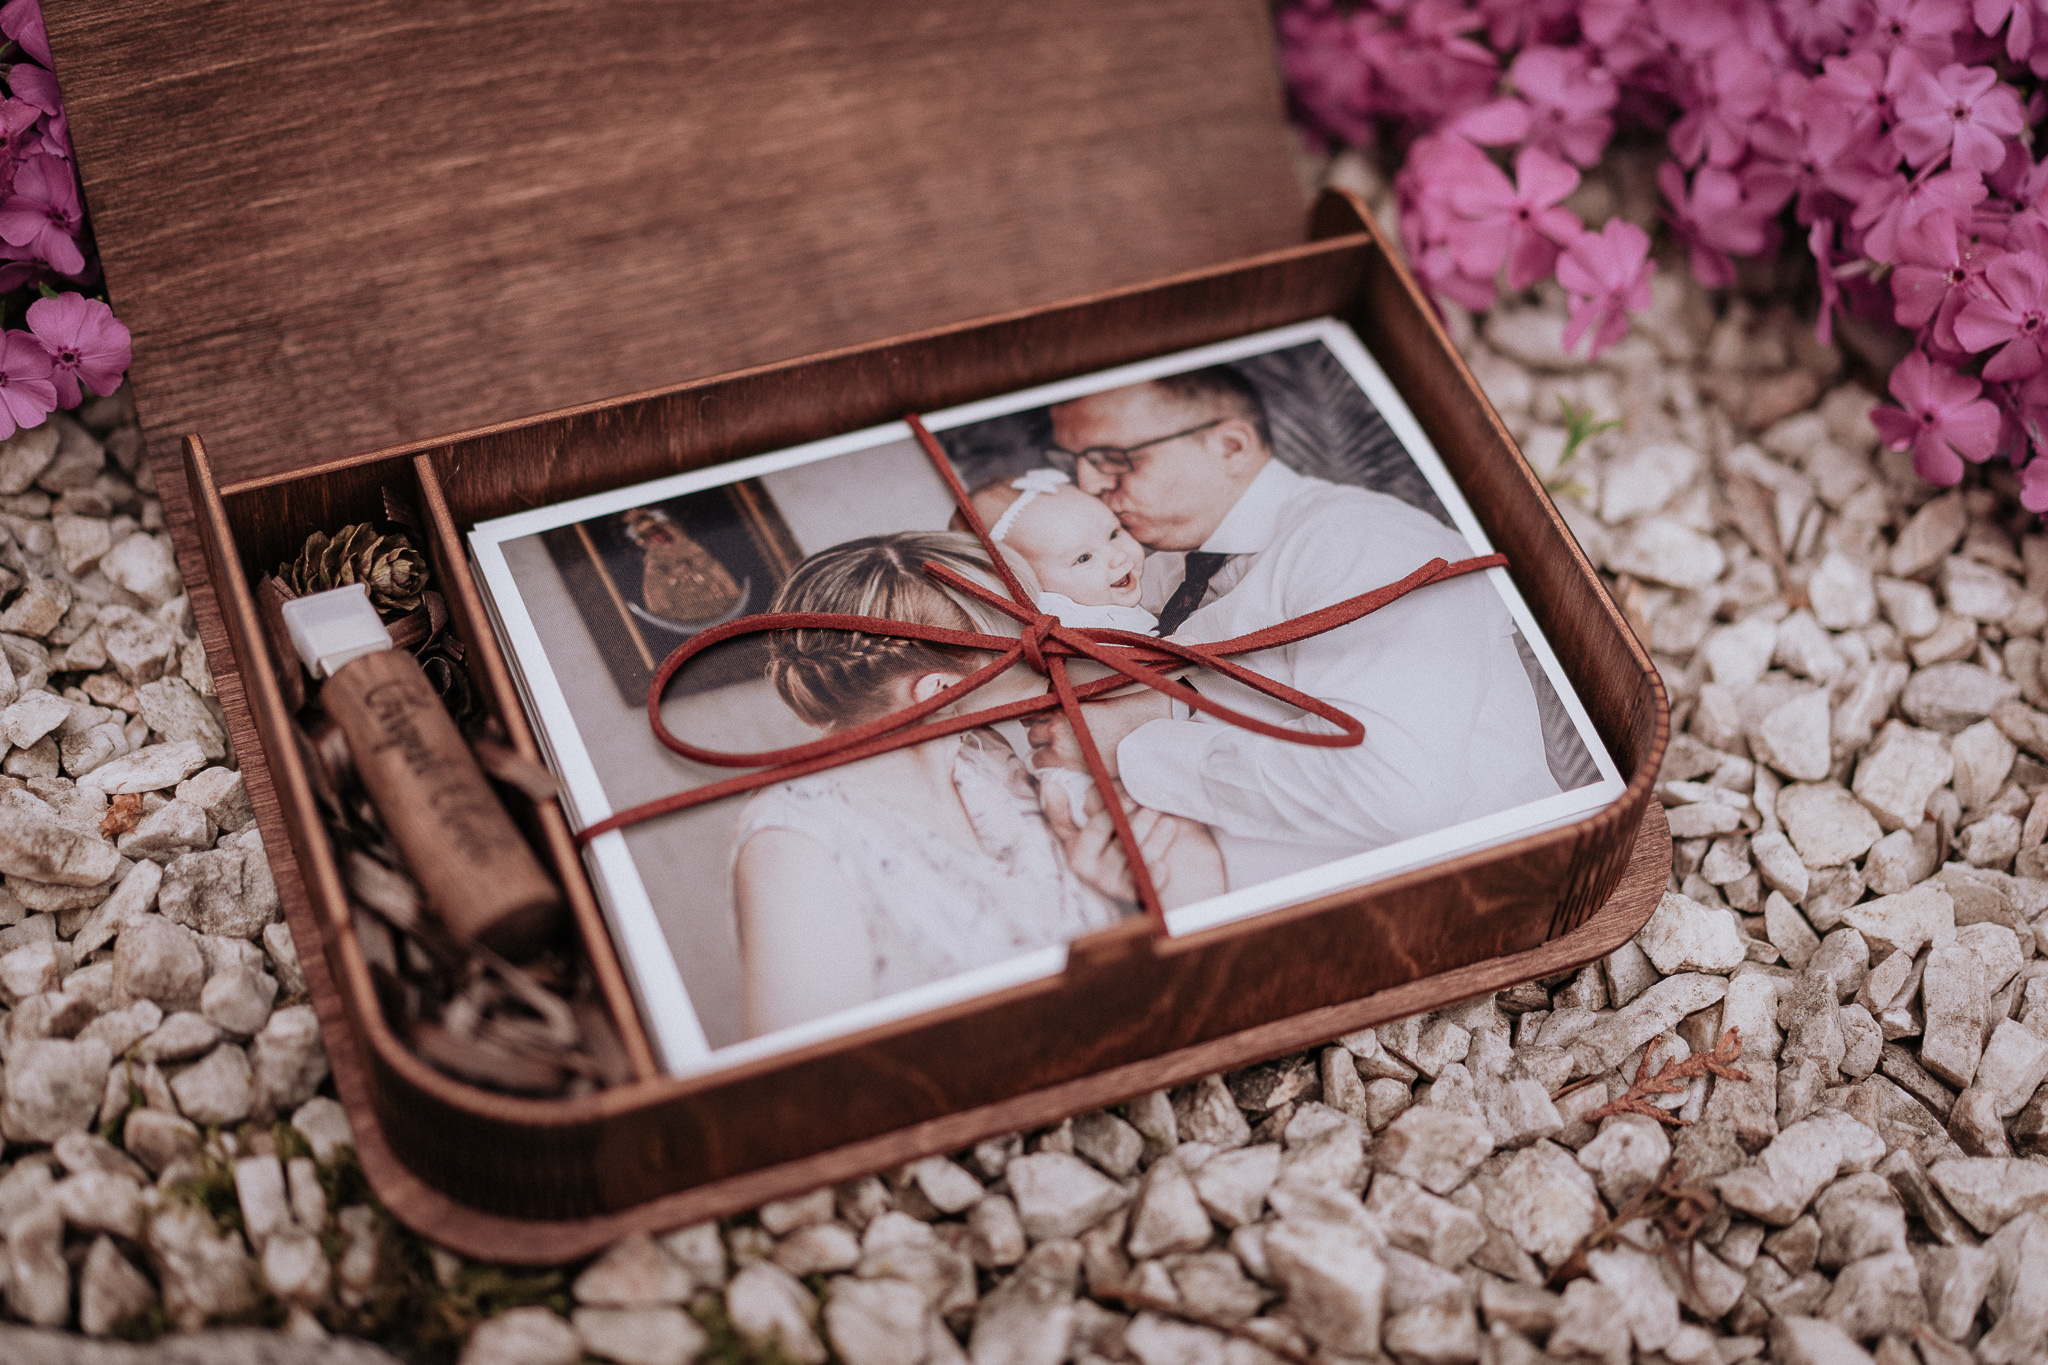 Pudełko ze zdjęciami fotografa Krzysztof Orłowski